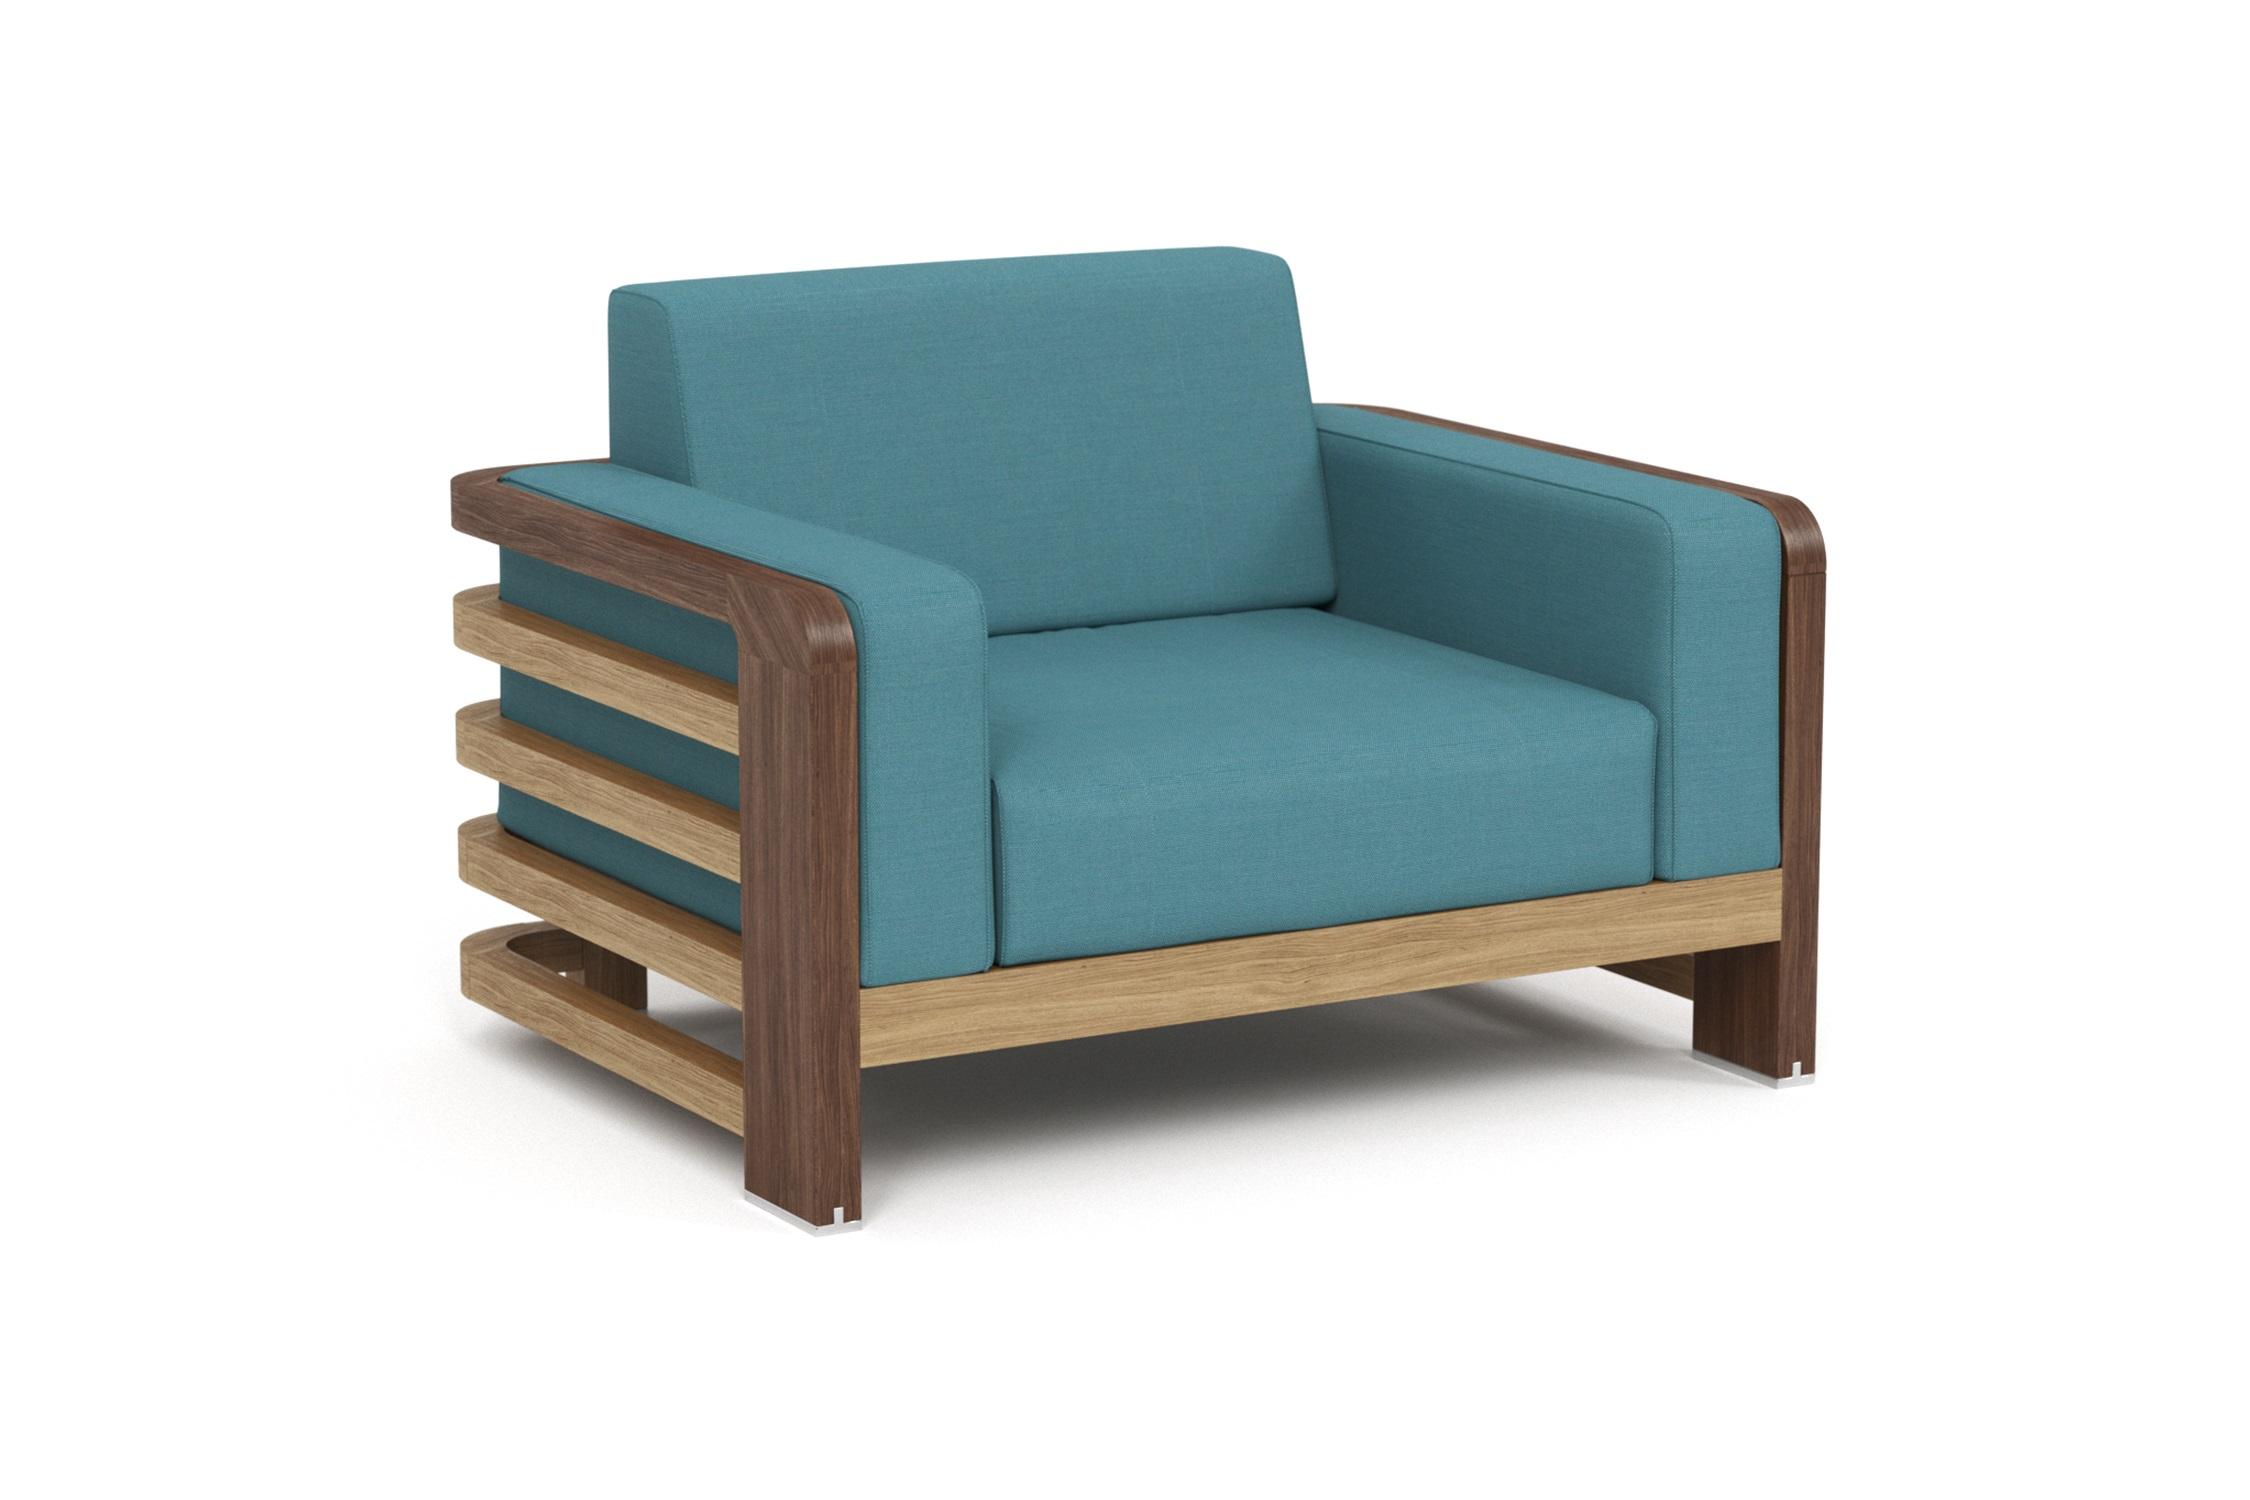 Кресло лаунж LagoonКресла для сада<br>&amp;lt;div&amp;gt;Коллекция LAGOON – коллекция, предназначенная для обустройства тихого уединенного места, в котором можно полностью расслабиться и забыть о суете. Дизайн продуман так, чтобы можно было выбрать множество вариаций для отдыха: загорать на шезлонге или расположиться на удобном диване, подремать в кресле или понежиться на кушетке.&amp;amp;nbsp;&amp;lt;/div&amp;gt;&amp;lt;div&amp;gt;Высота посадки:383мм.&amp;lt;/div&amp;gt;&amp;lt;div&amp;gt;&amp;lt;br&amp;gt;&amp;lt;/div&amp;gt;&amp;lt;div&amp;gt;Тик – прочная и твердая древесина, относится к ценным породам. Имеет темно-золотистый цвет и сохраняет его на протяжении очень длительного срока. Со временем приобретает благородный темно-серый или темно-коричневый цвет. Благодаря высокому содержанию природных масел, обладает высокой стойкостью против гниения, кислот и щелочей, не вызывает коррозию металлов. Тик содержит кислоты кремния и танина, придающие материалу стойкость к воздействию вредных внешних факторов. Древесина тика не подвержена воздействию термитов, не требует дополнительной антибактериальной обработки. Мебель из тика допускает круглогодичную эксплуатацию на открытом воздухе, выдерживает перепады температур от –30 до +30С. Срок службы более 25 лет.&amp;lt;/div&amp;gt;&amp;lt;div&amp;gt;&amp;lt;br&amp;gt;&amp;lt;/div&amp;gt;&amp;lt;div&amp;gt;Sunbrella® – акриловая ткань с водоотталкивающими свойствами от мирового лидера в производстве тканей для яхт.&amp;lt;/div&amp;gt;&amp;lt;div&amp;gt;&amp;lt;br&amp;gt;&amp;lt;/div&amp;gt;<br><br>&amp;lt;iframe width=&amp;quot;530&amp;quot; height=&amp;quot;300&amp;quot; src=&amp;quot;https://www.youtube.com/embed/uL9Kujh07kc&amp;quot; frameborder=&amp;quot;0&amp;quot; allowfullscreen=&amp;quot;&amp;quot;&amp;gt;&amp;lt;/iframe&amp;gt;<br><br>Material: Ироко<br>Ширина см: 113.0<br>Высота см: 74.0<br>Глубина см: 83.0